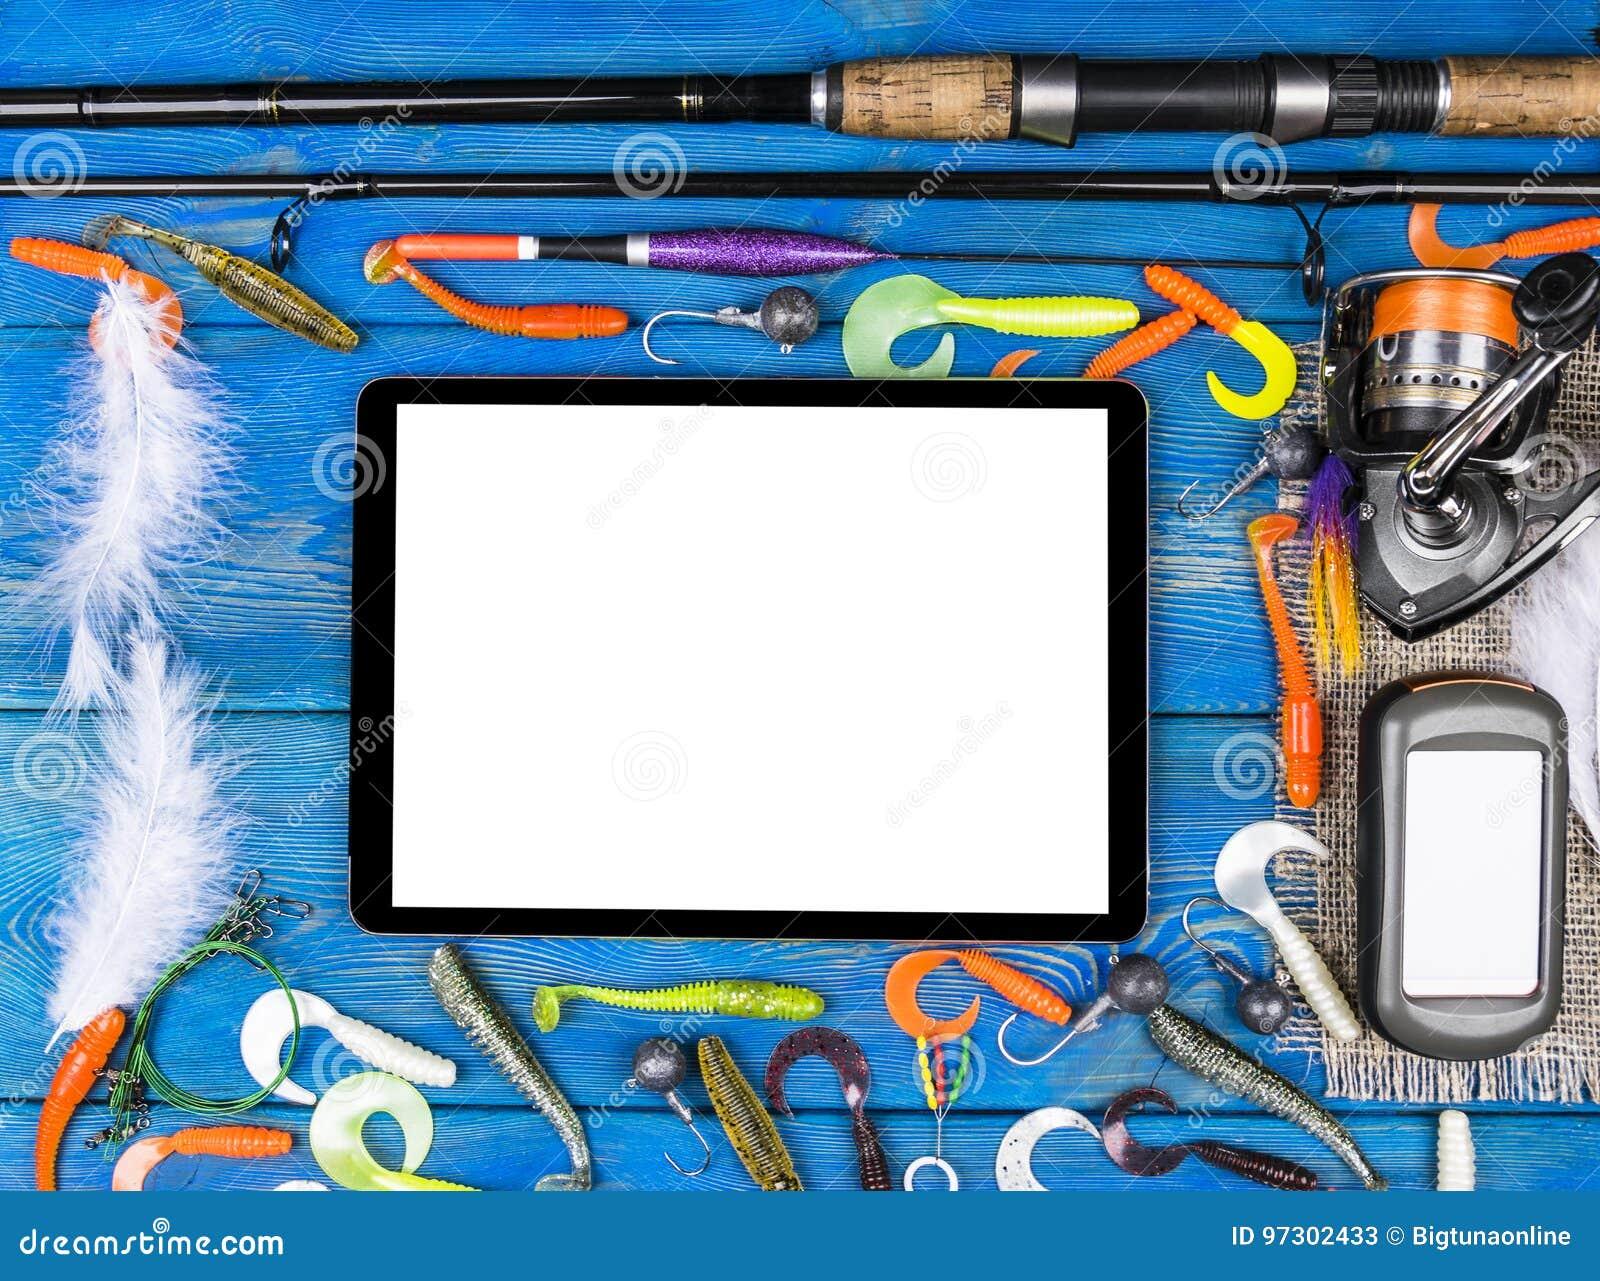 钓鱼竿、滑车和鱼饵,在木板背景的卷轴与片剂计算机隔绝了白色屏幕,空的空间